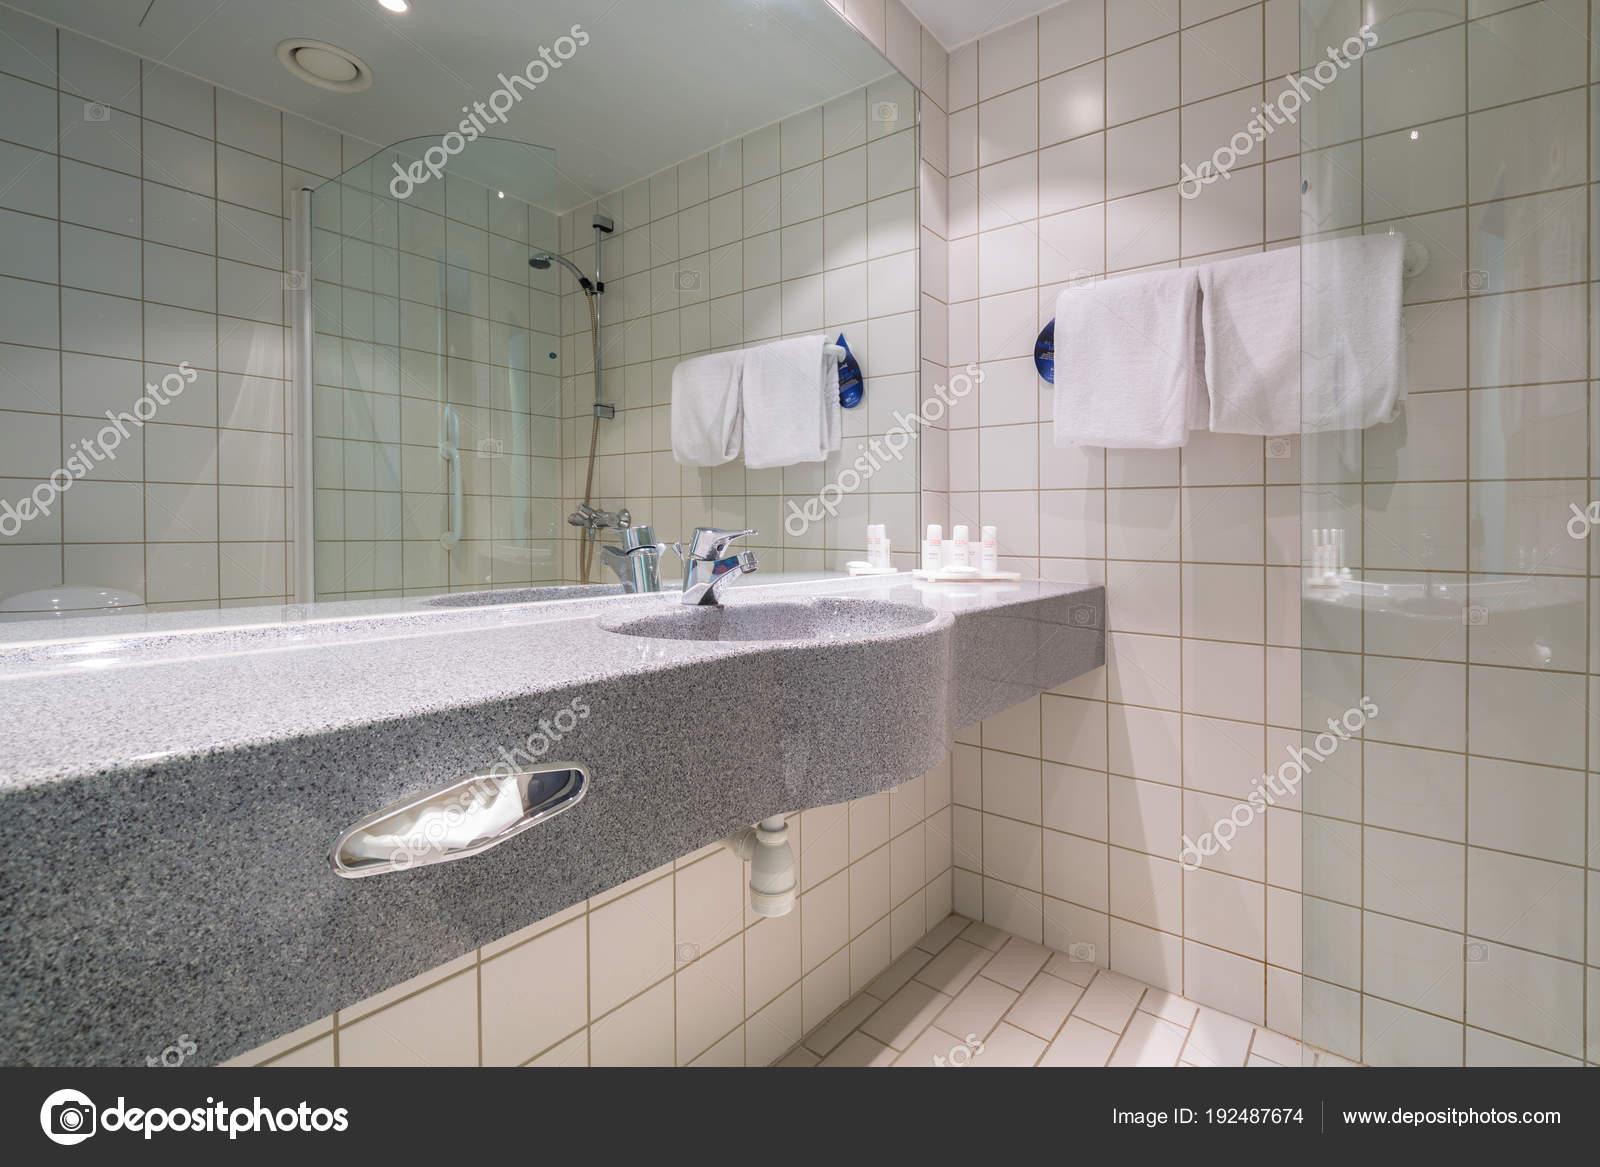 Alta lufthavn noorwegen april 2018 badkamer interieur van radisson